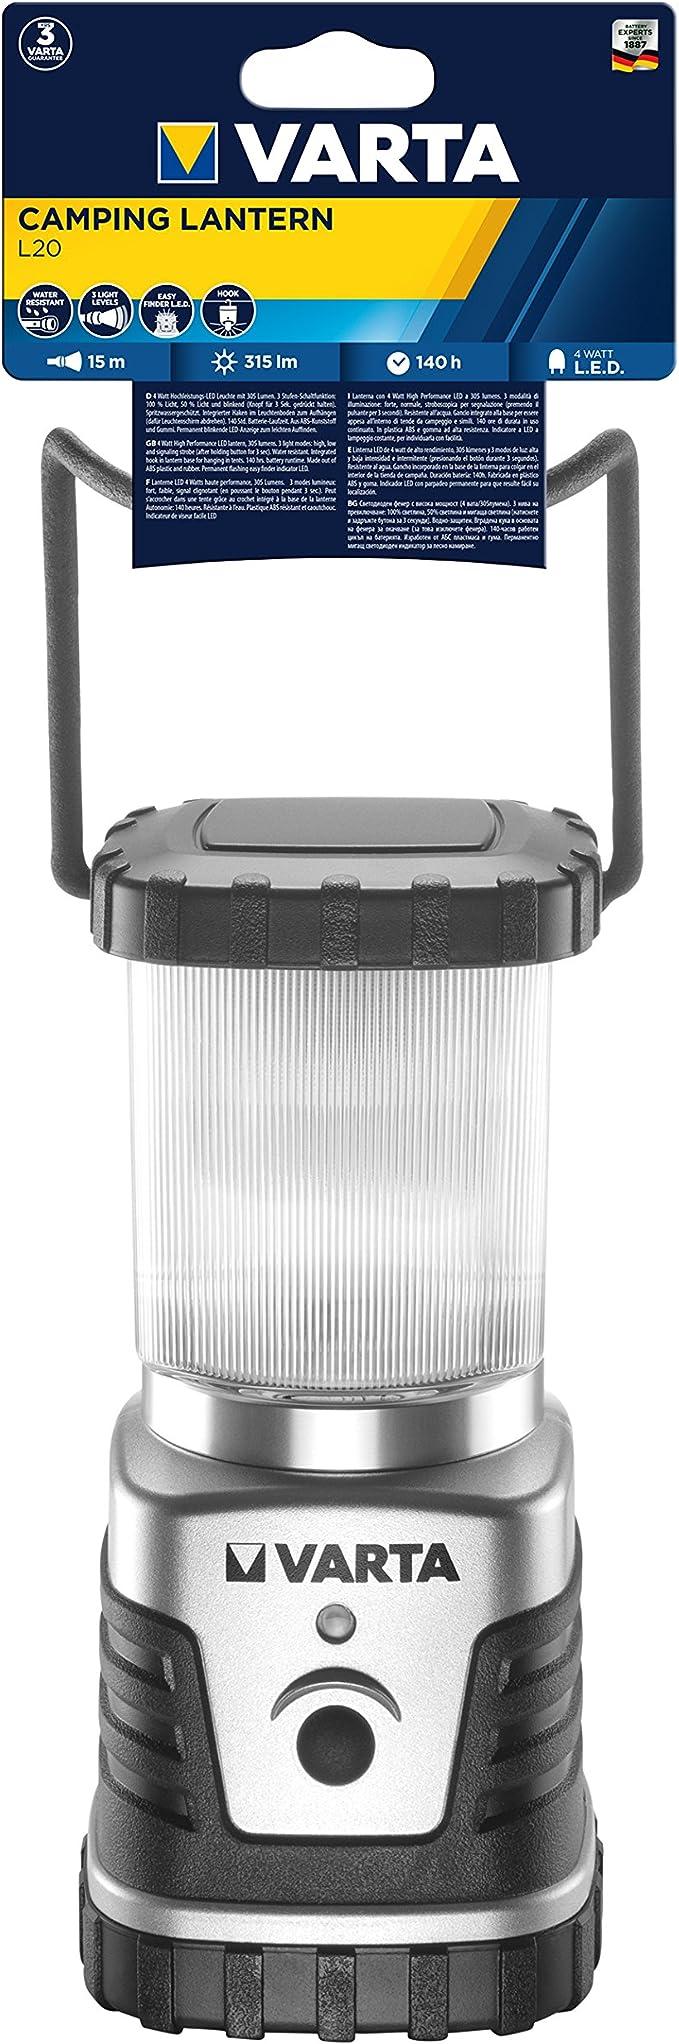 Varta 1 Watt LED Linterna (3AA), Naranja